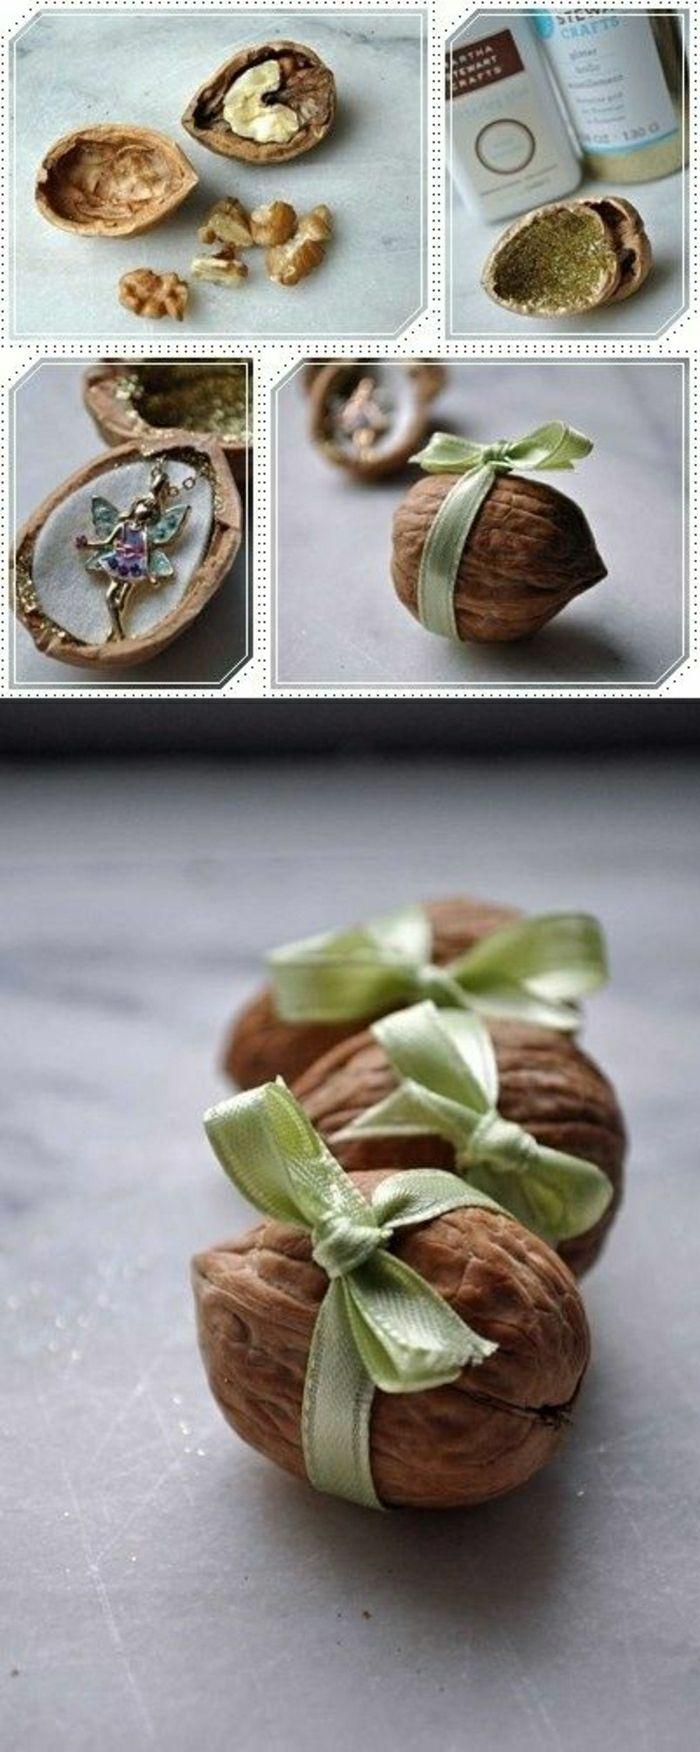 une jolie idee pour cadeau original en noix Plus